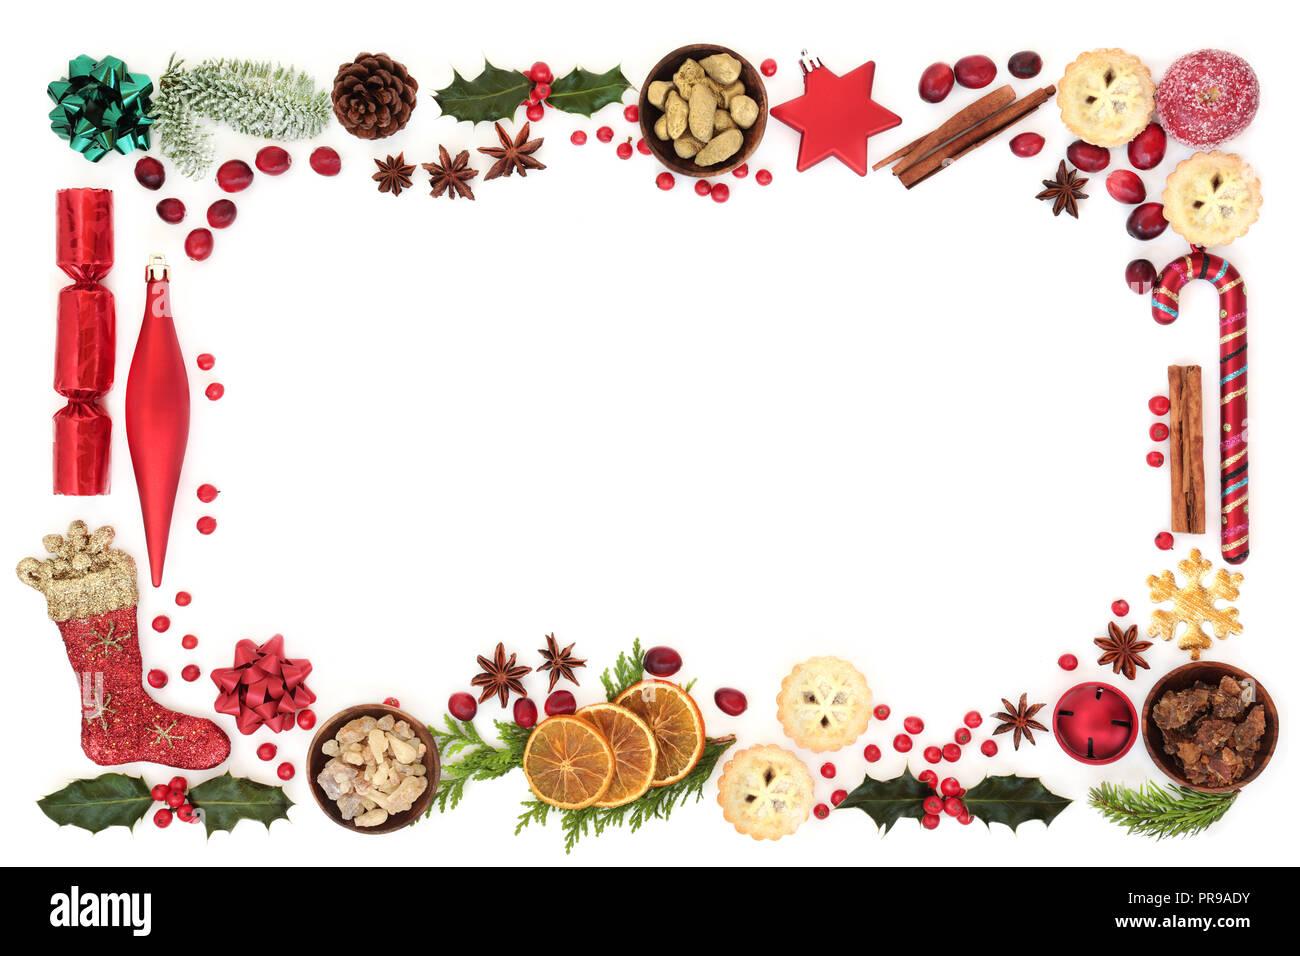 Weihnachten festliche Hintergrund Grenze mit Dekorationen, Essen, winter Flora, saisonale Symbole und Gold, Weihrauch und Myrrhe. Stockbild